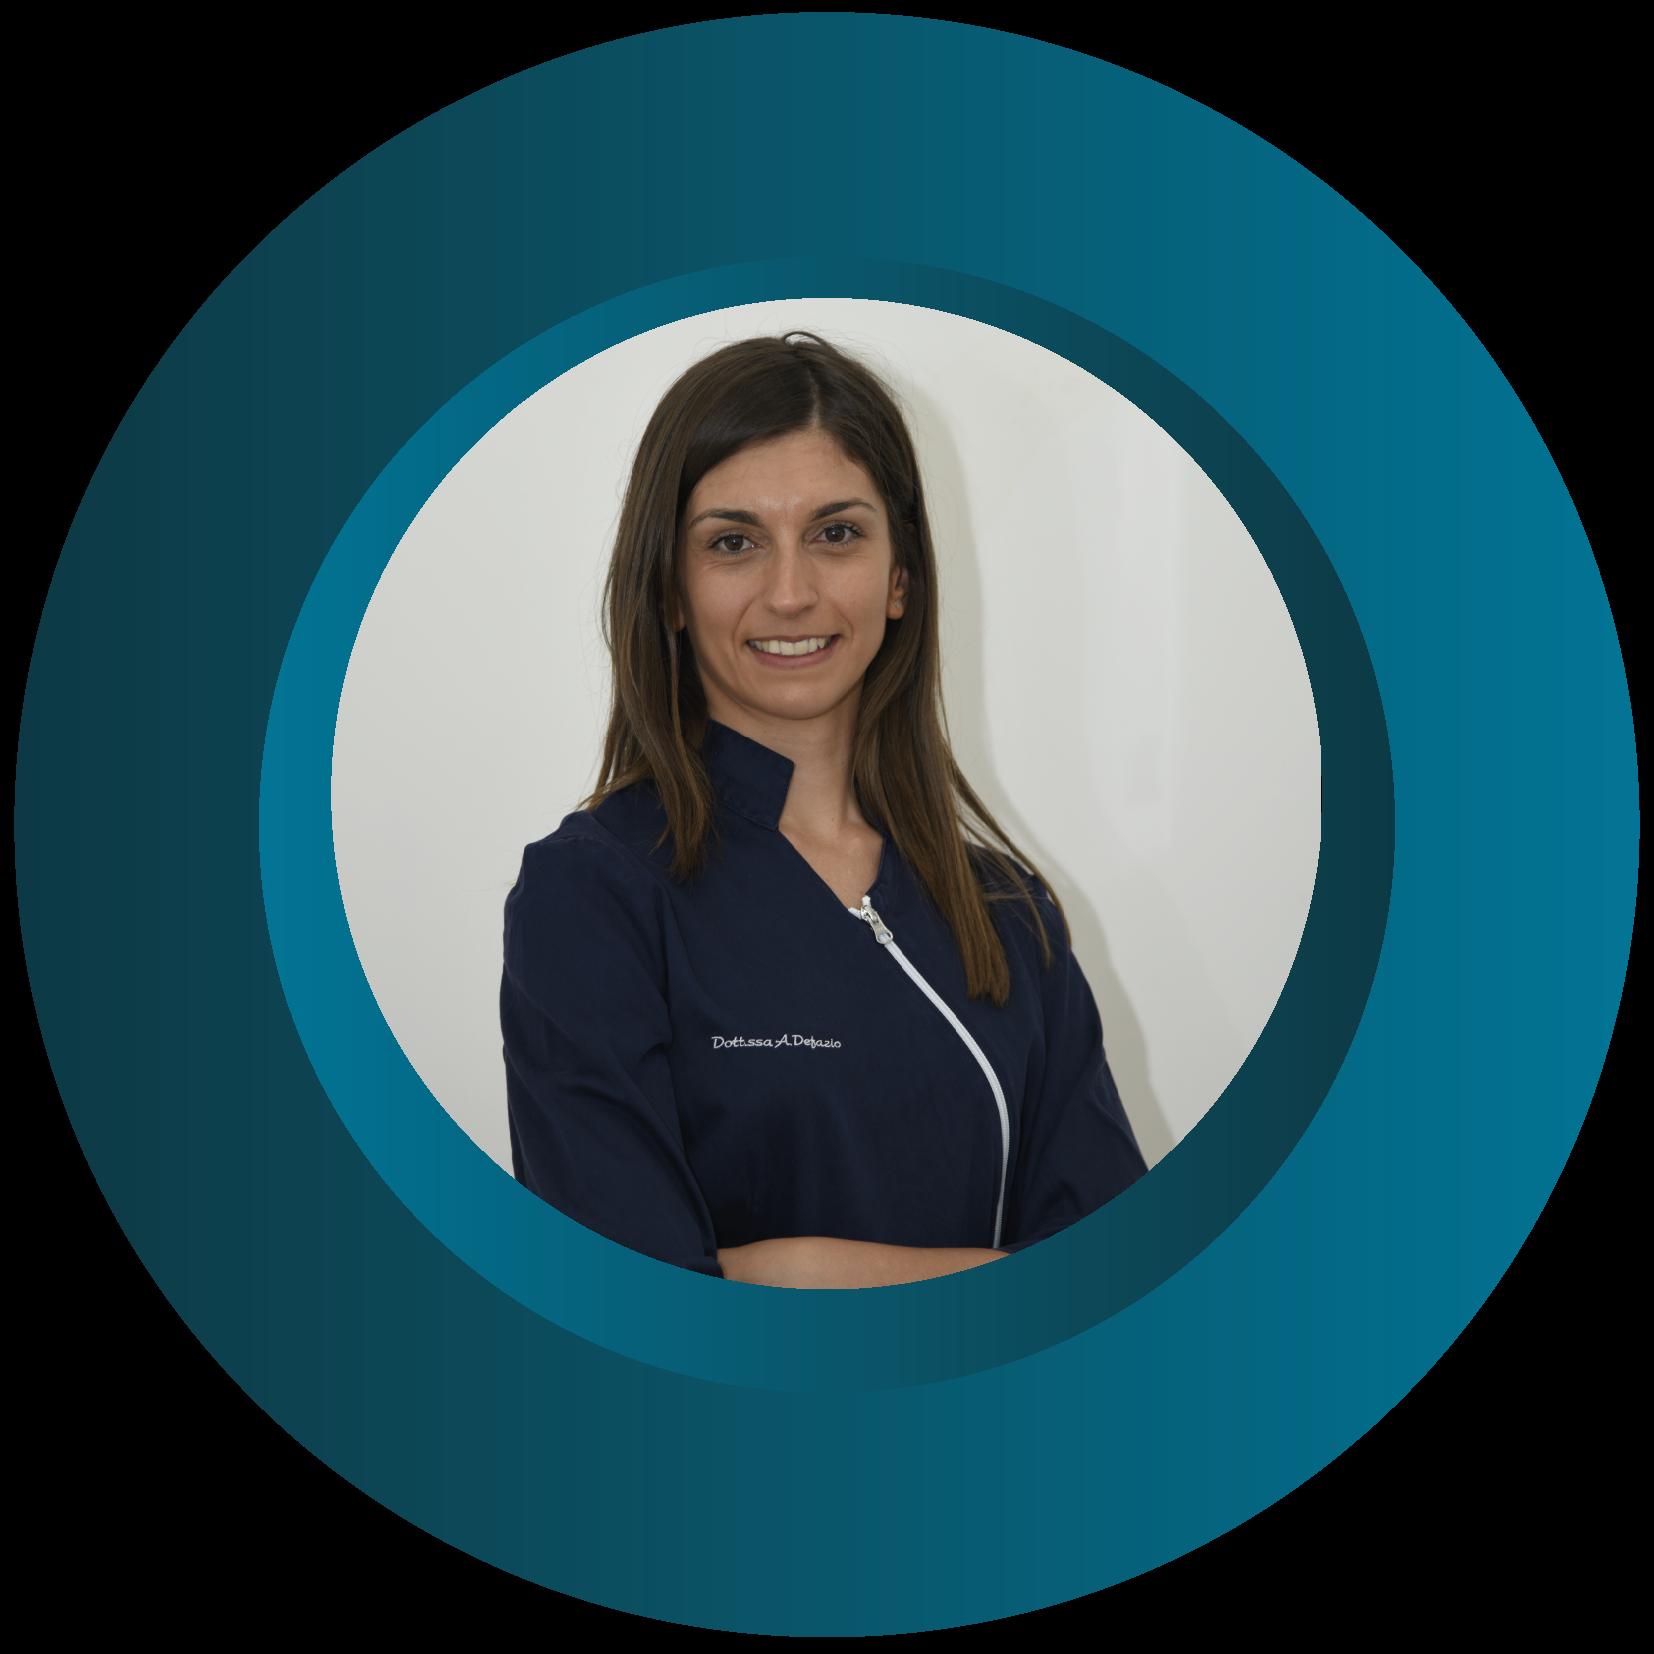 Dott.ssa Angela Defazio